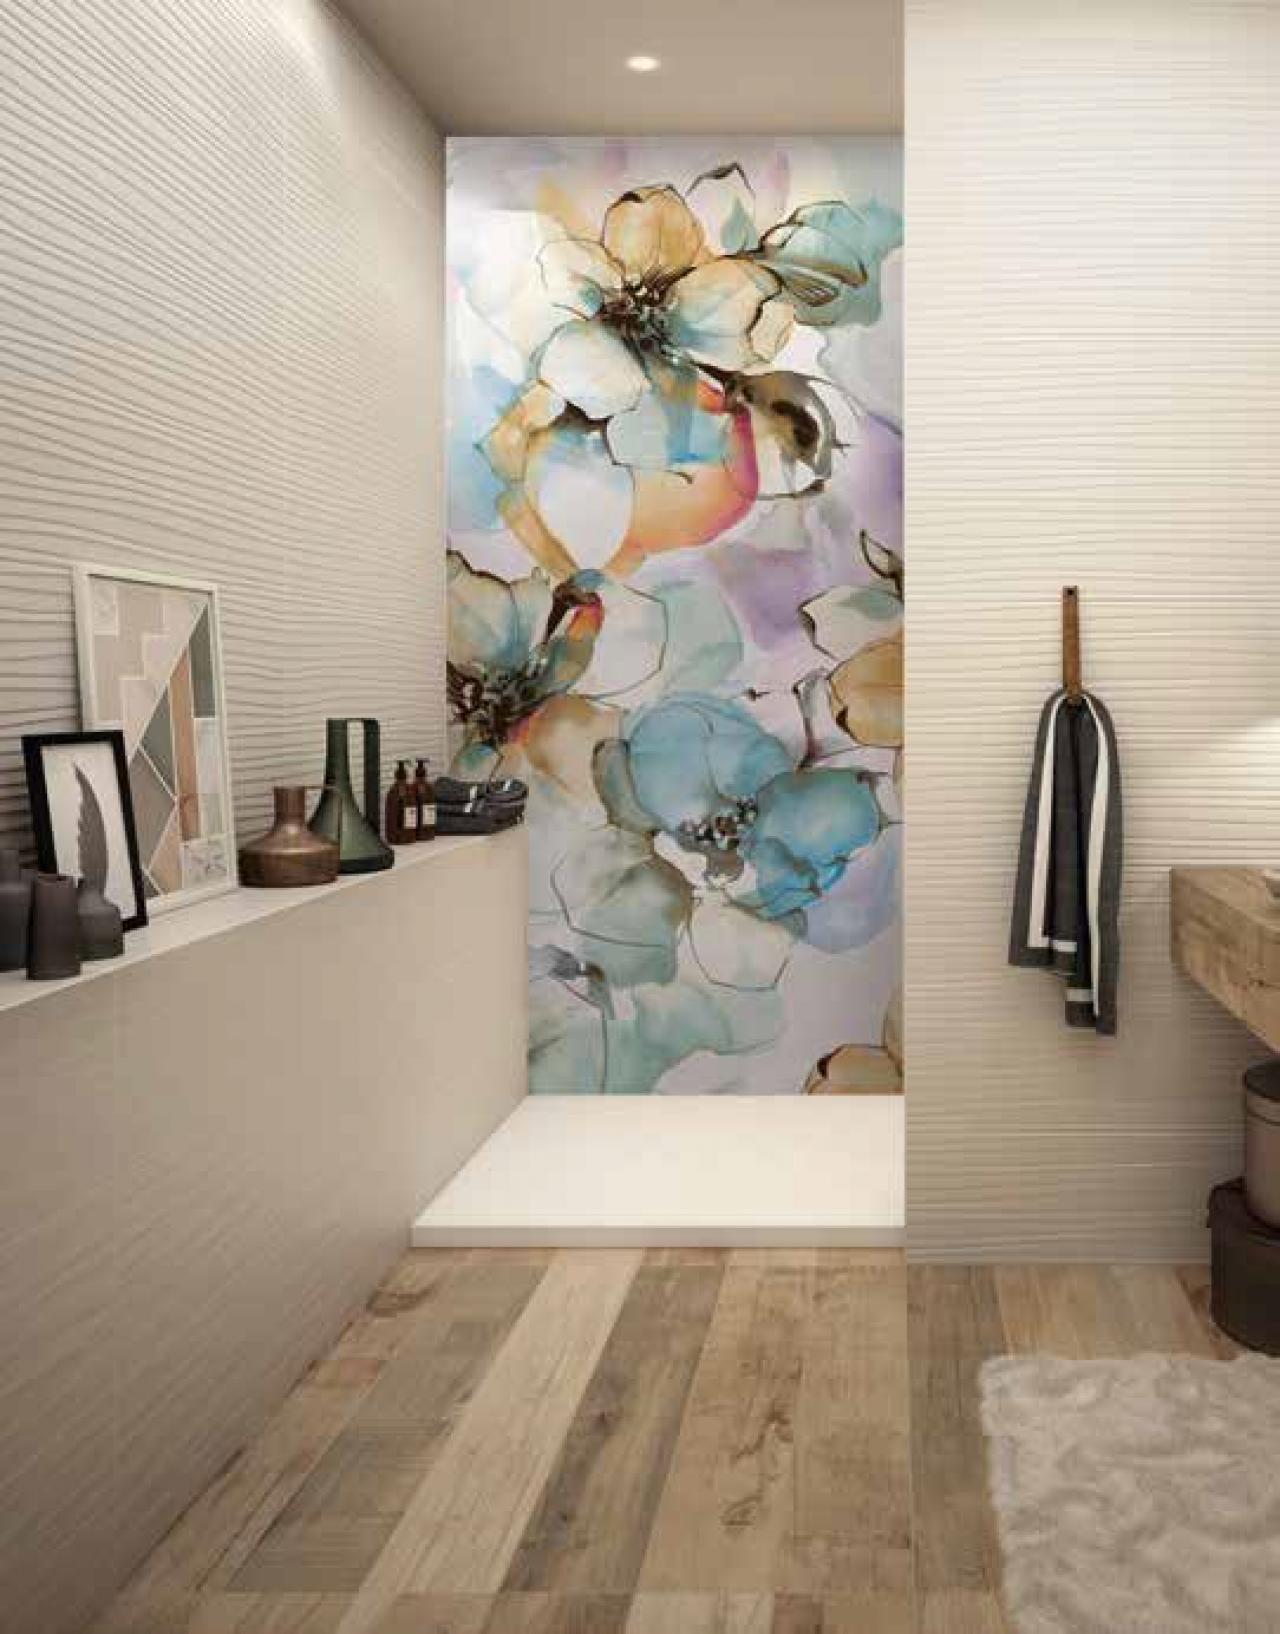 Nuove tendenze grandi lastre decorate e colorate in gr s - Incollare su piastrelle bagno ...